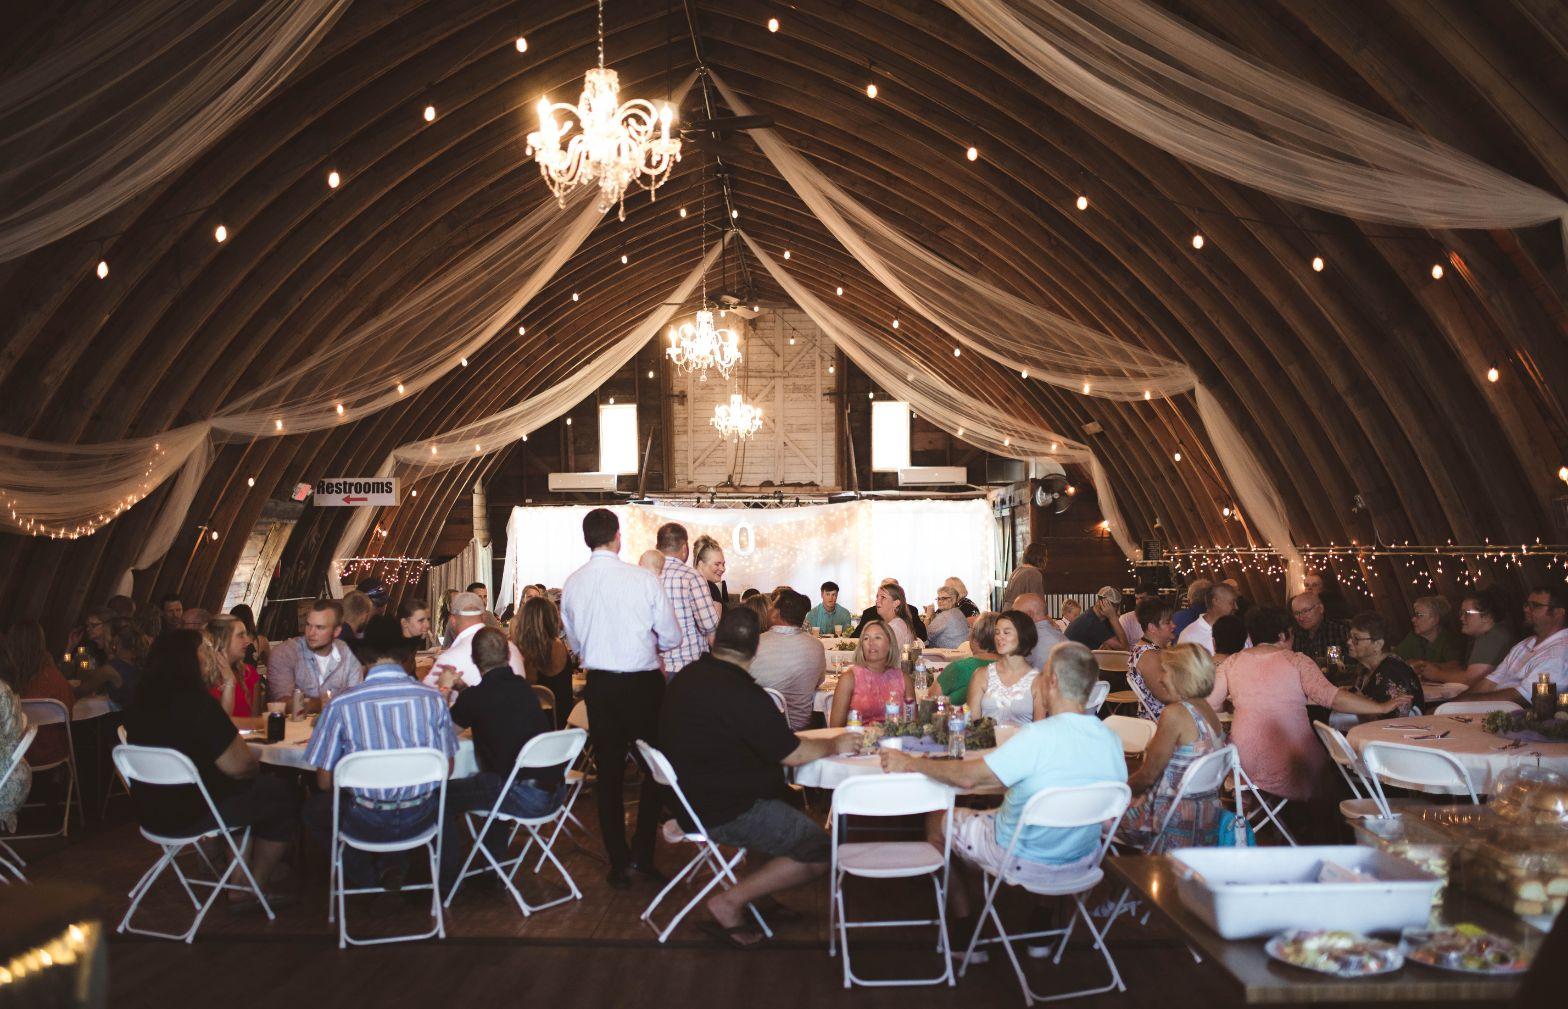 24 Lake Elsie Wedding Barn Fargo ND Wedding Venue 1